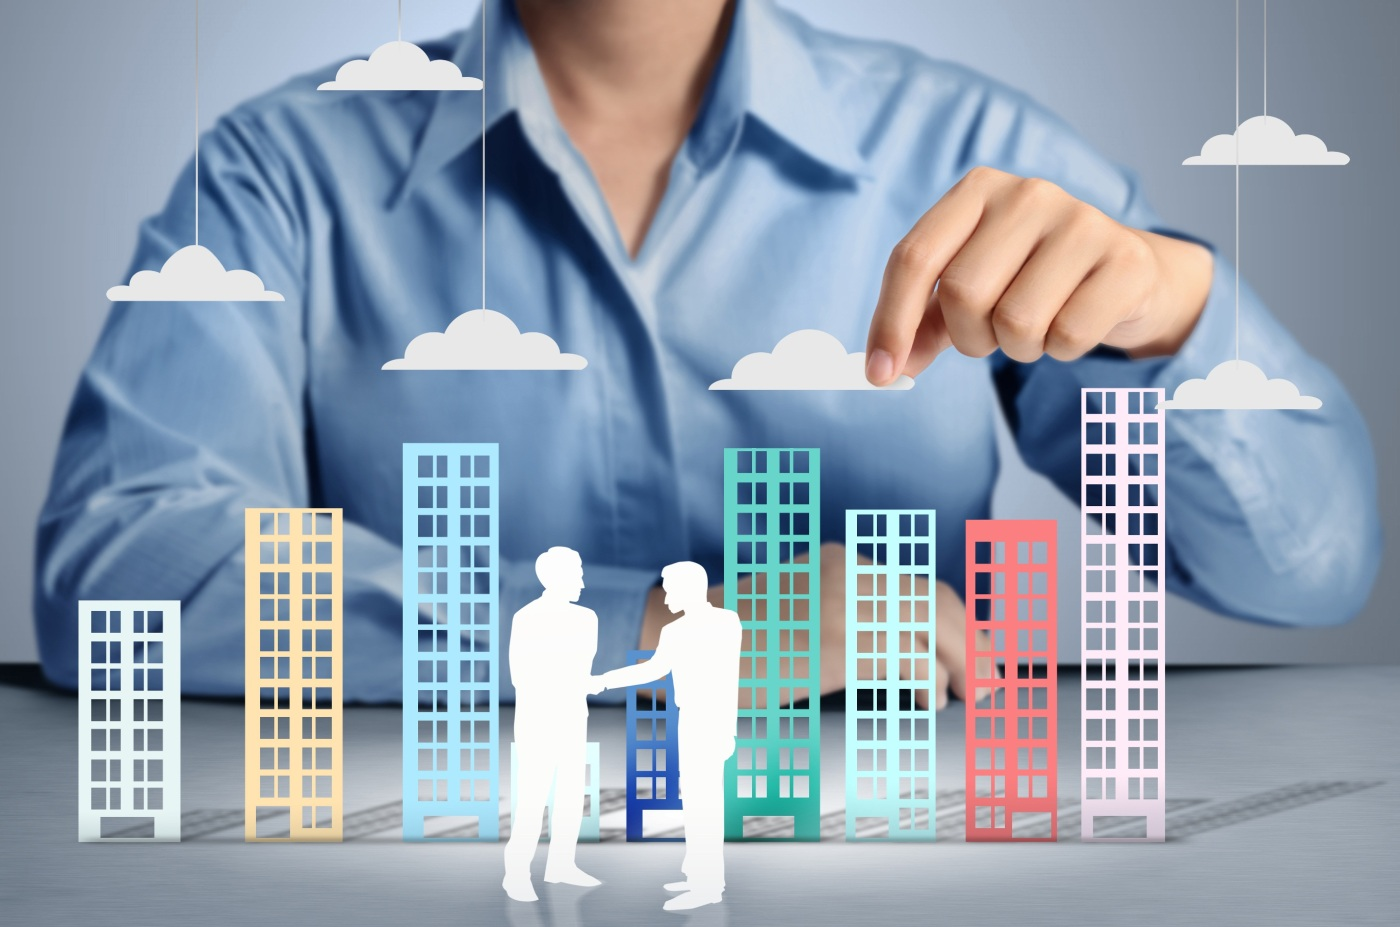 O Que é B2B e B2C e Suas Diferenças No Marketing de Conteúdo?